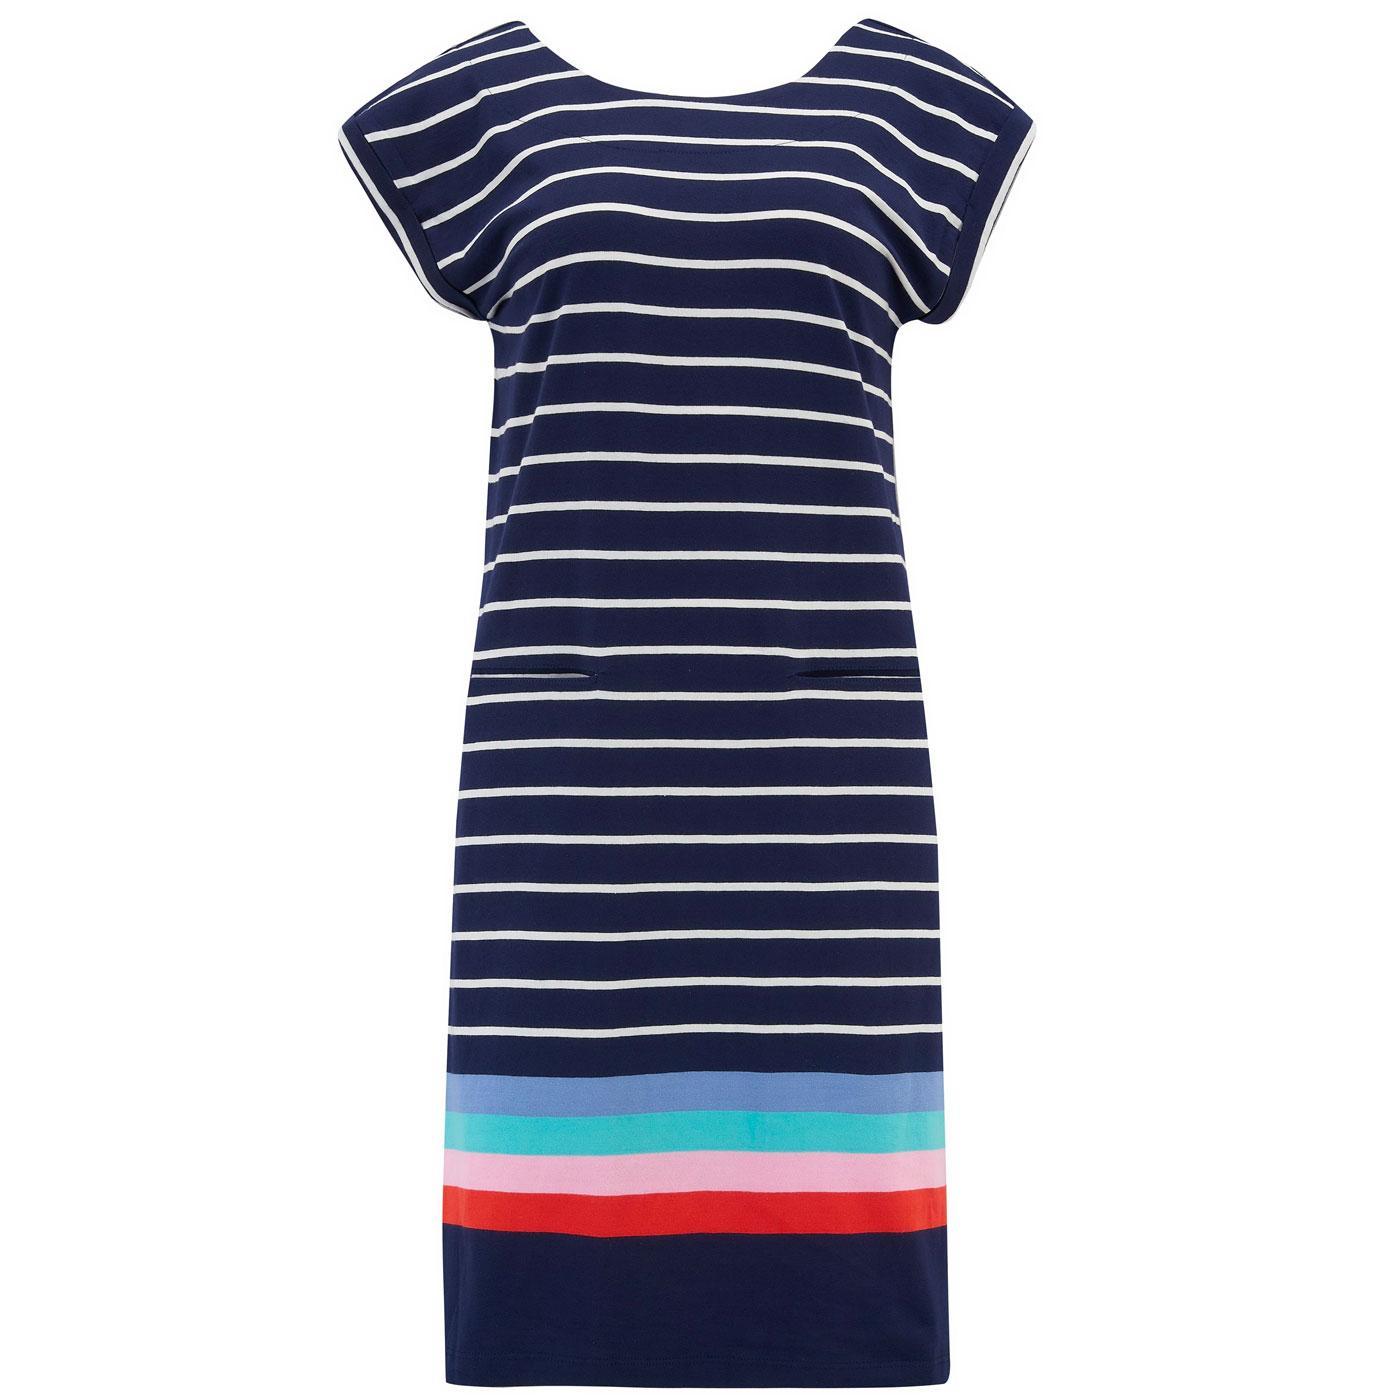 Odette SUGARHILL BRIGHTON Retro 70s T-Shirt Dress